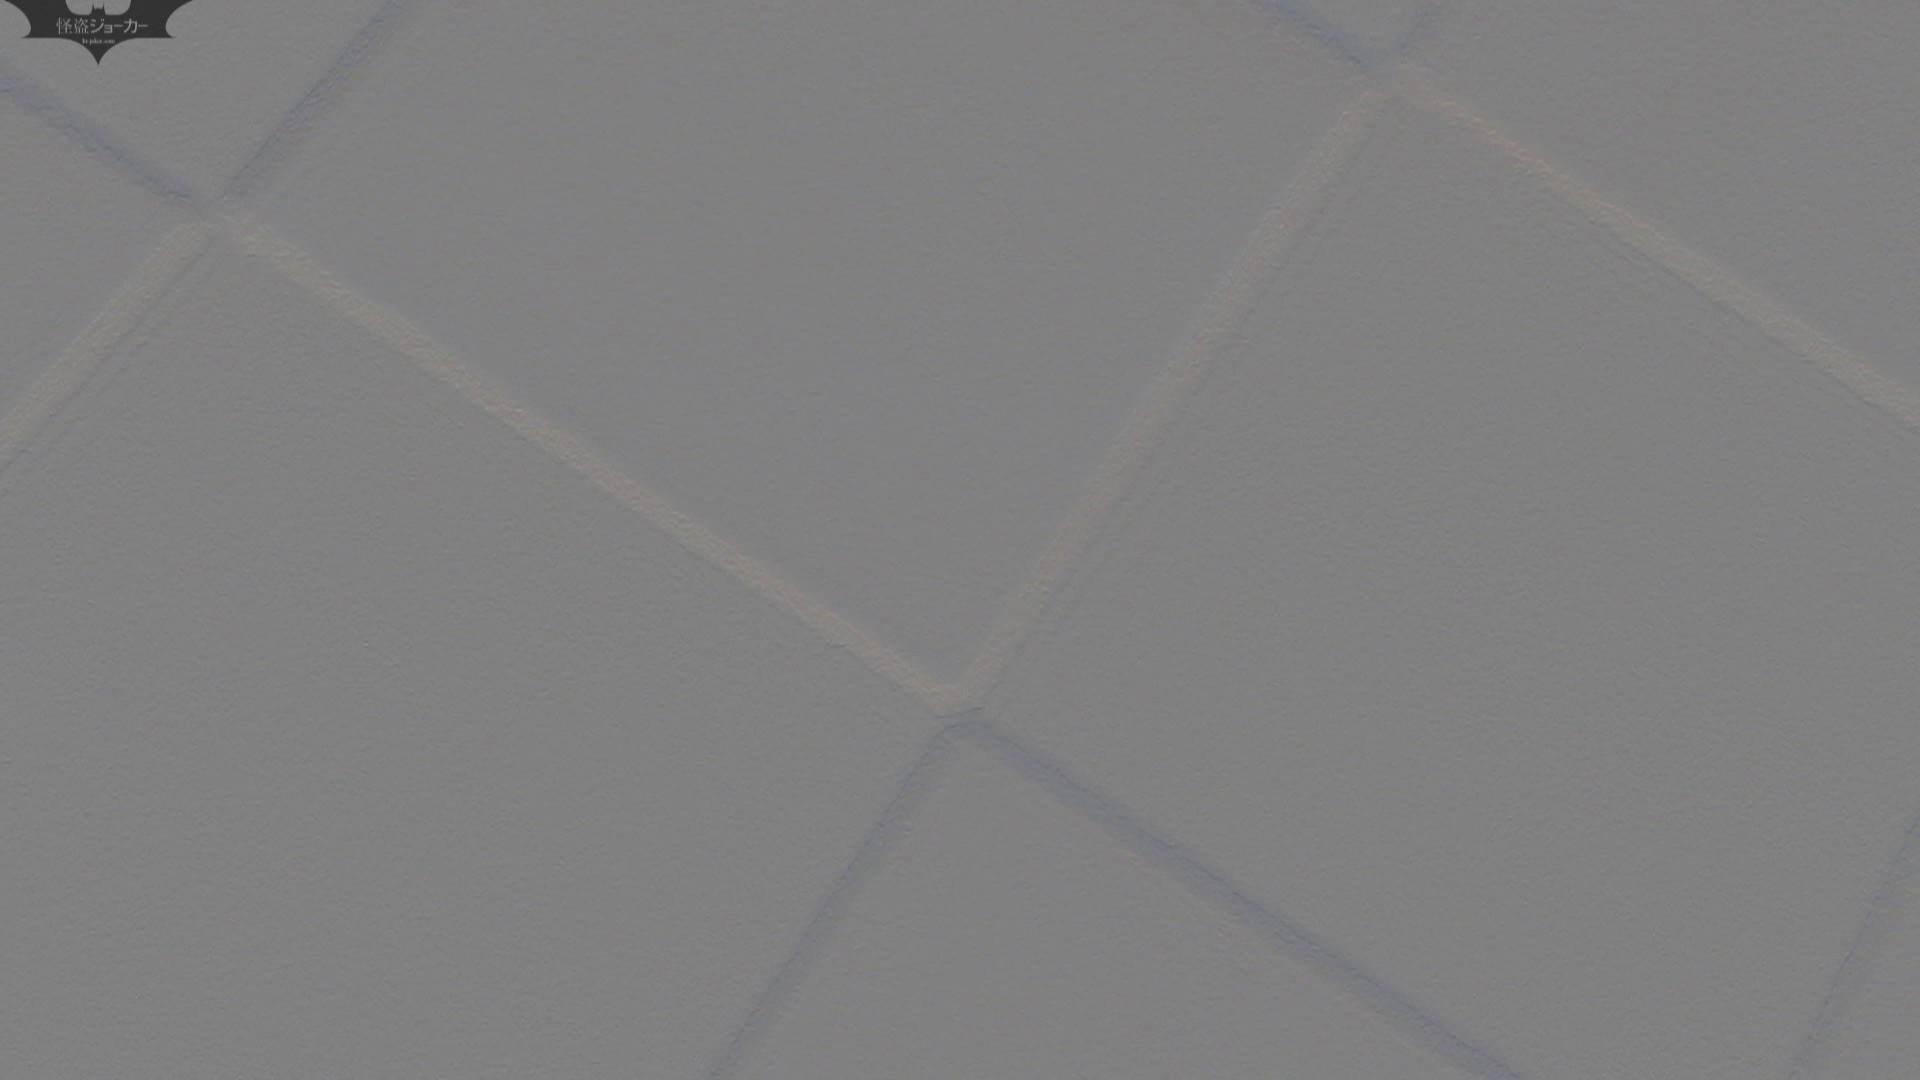 なんだこれVol.09 果敢に外まで追いかける更にアップnyodoまで見える OLのボディ おめこ無修正画像 75PIX 59